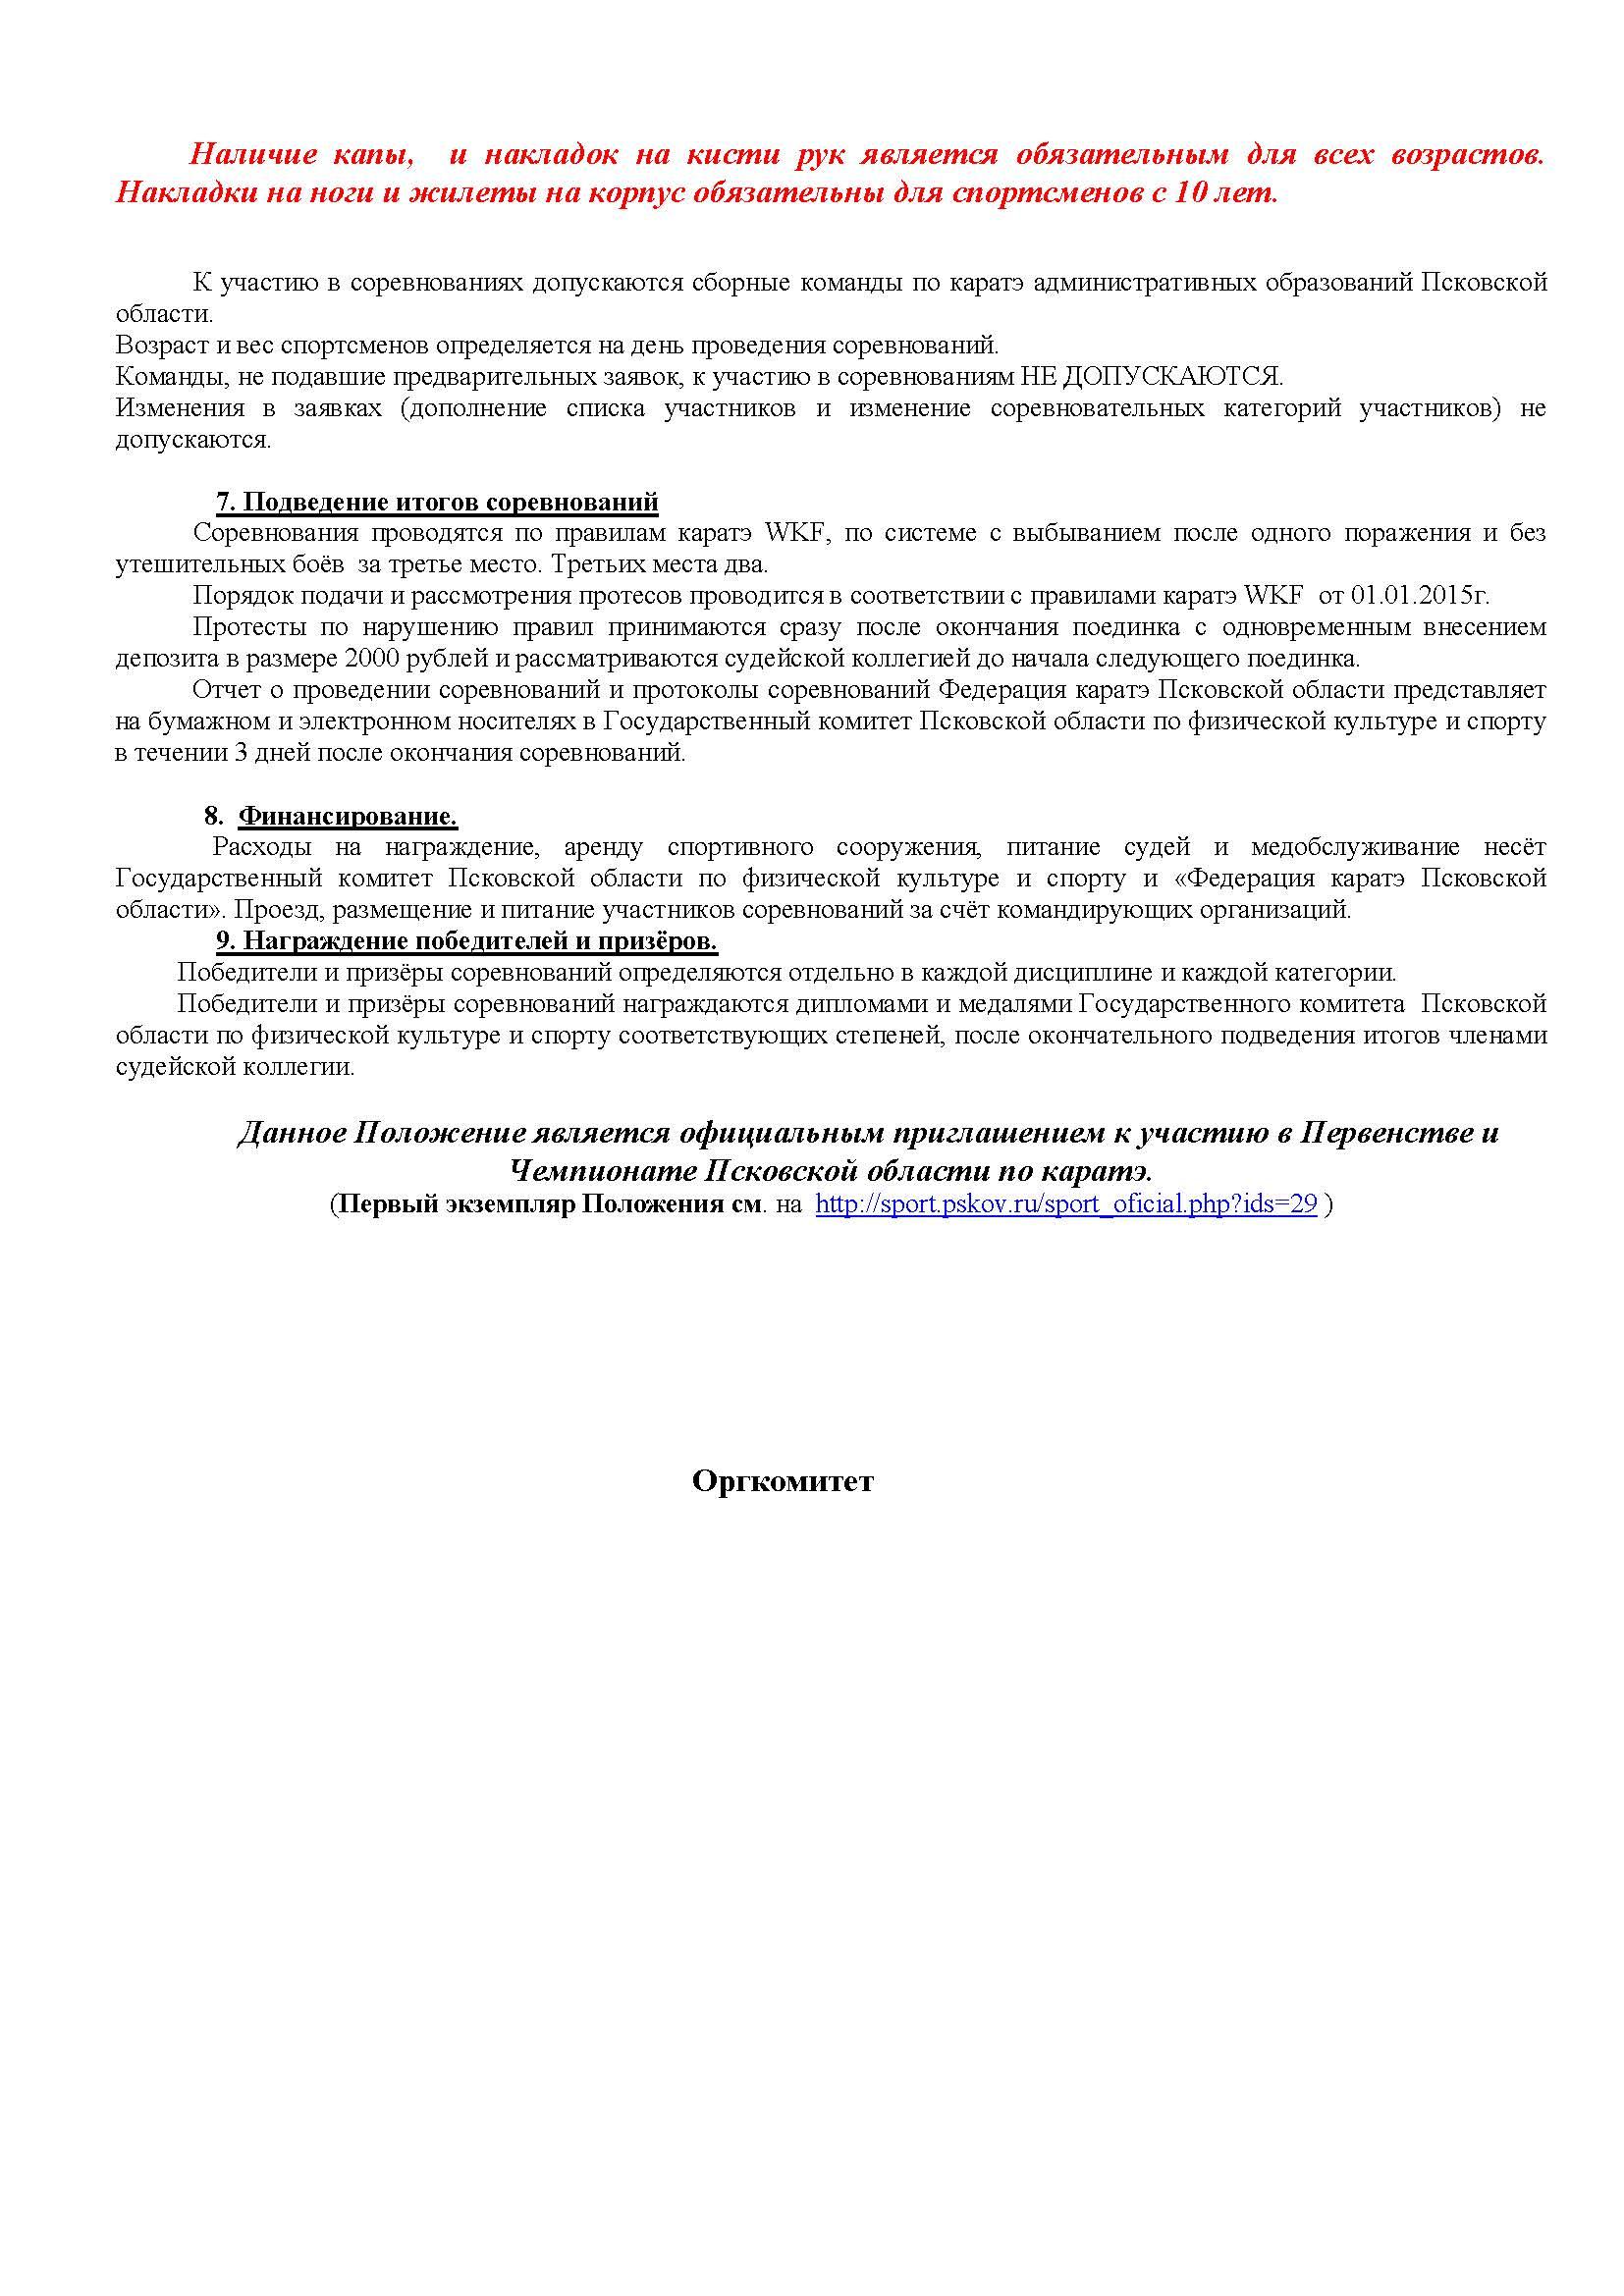 Положение о проведении Первенства и Чемпионата Псковской области по  Каратэ WKF_Страница_3